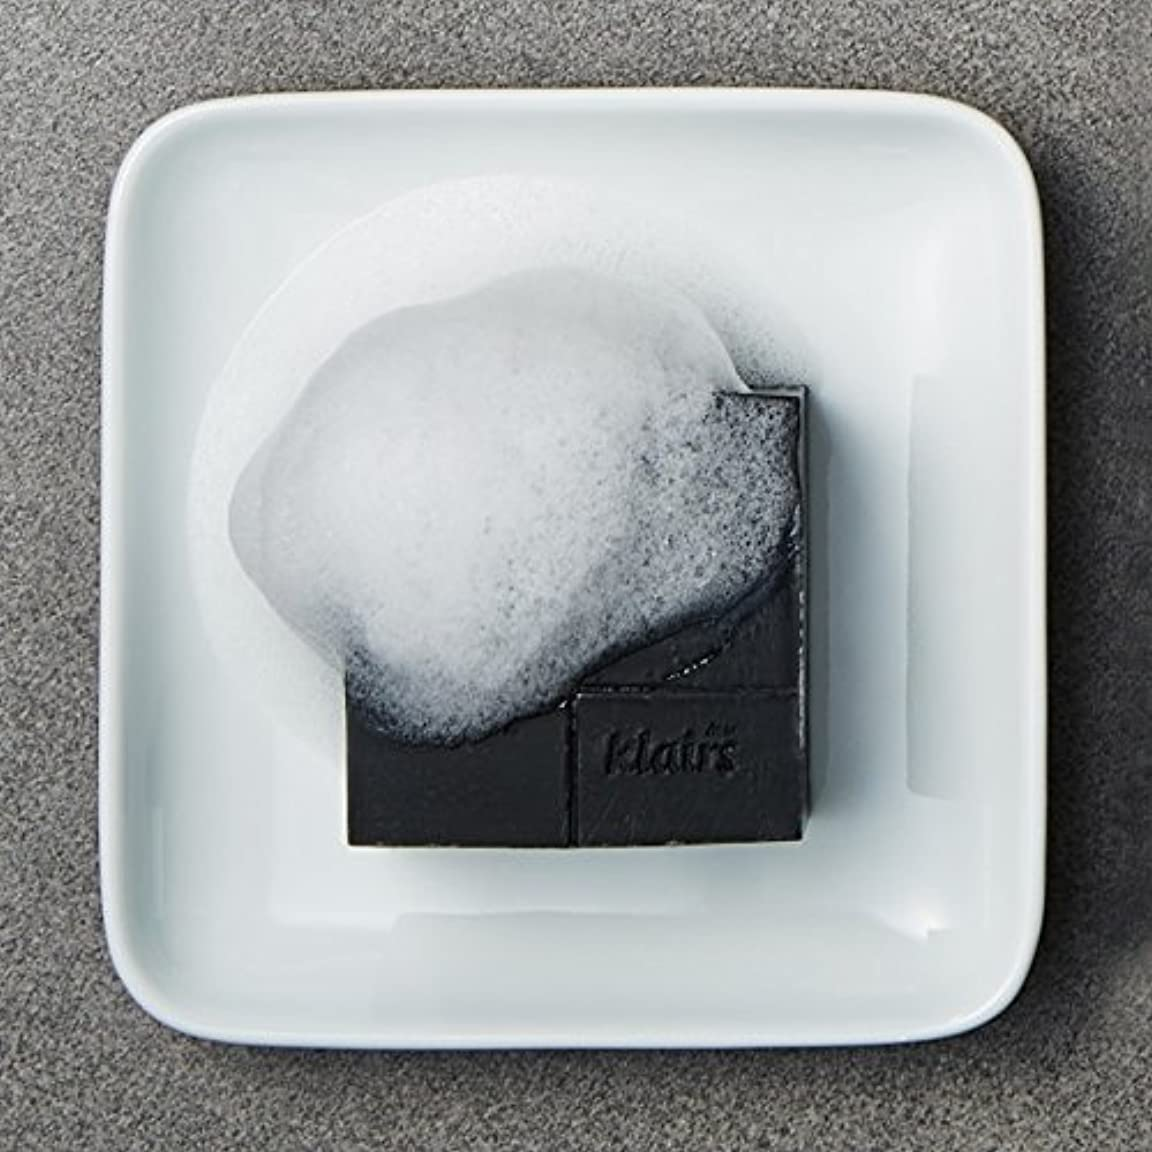 相互ファシズムインフルエンザKLAIRS(クレアズ) ジェントルブラックシュガーチャコール石けん, Gentle Black Sugar Charcol Soap 120g [並行輸入品]